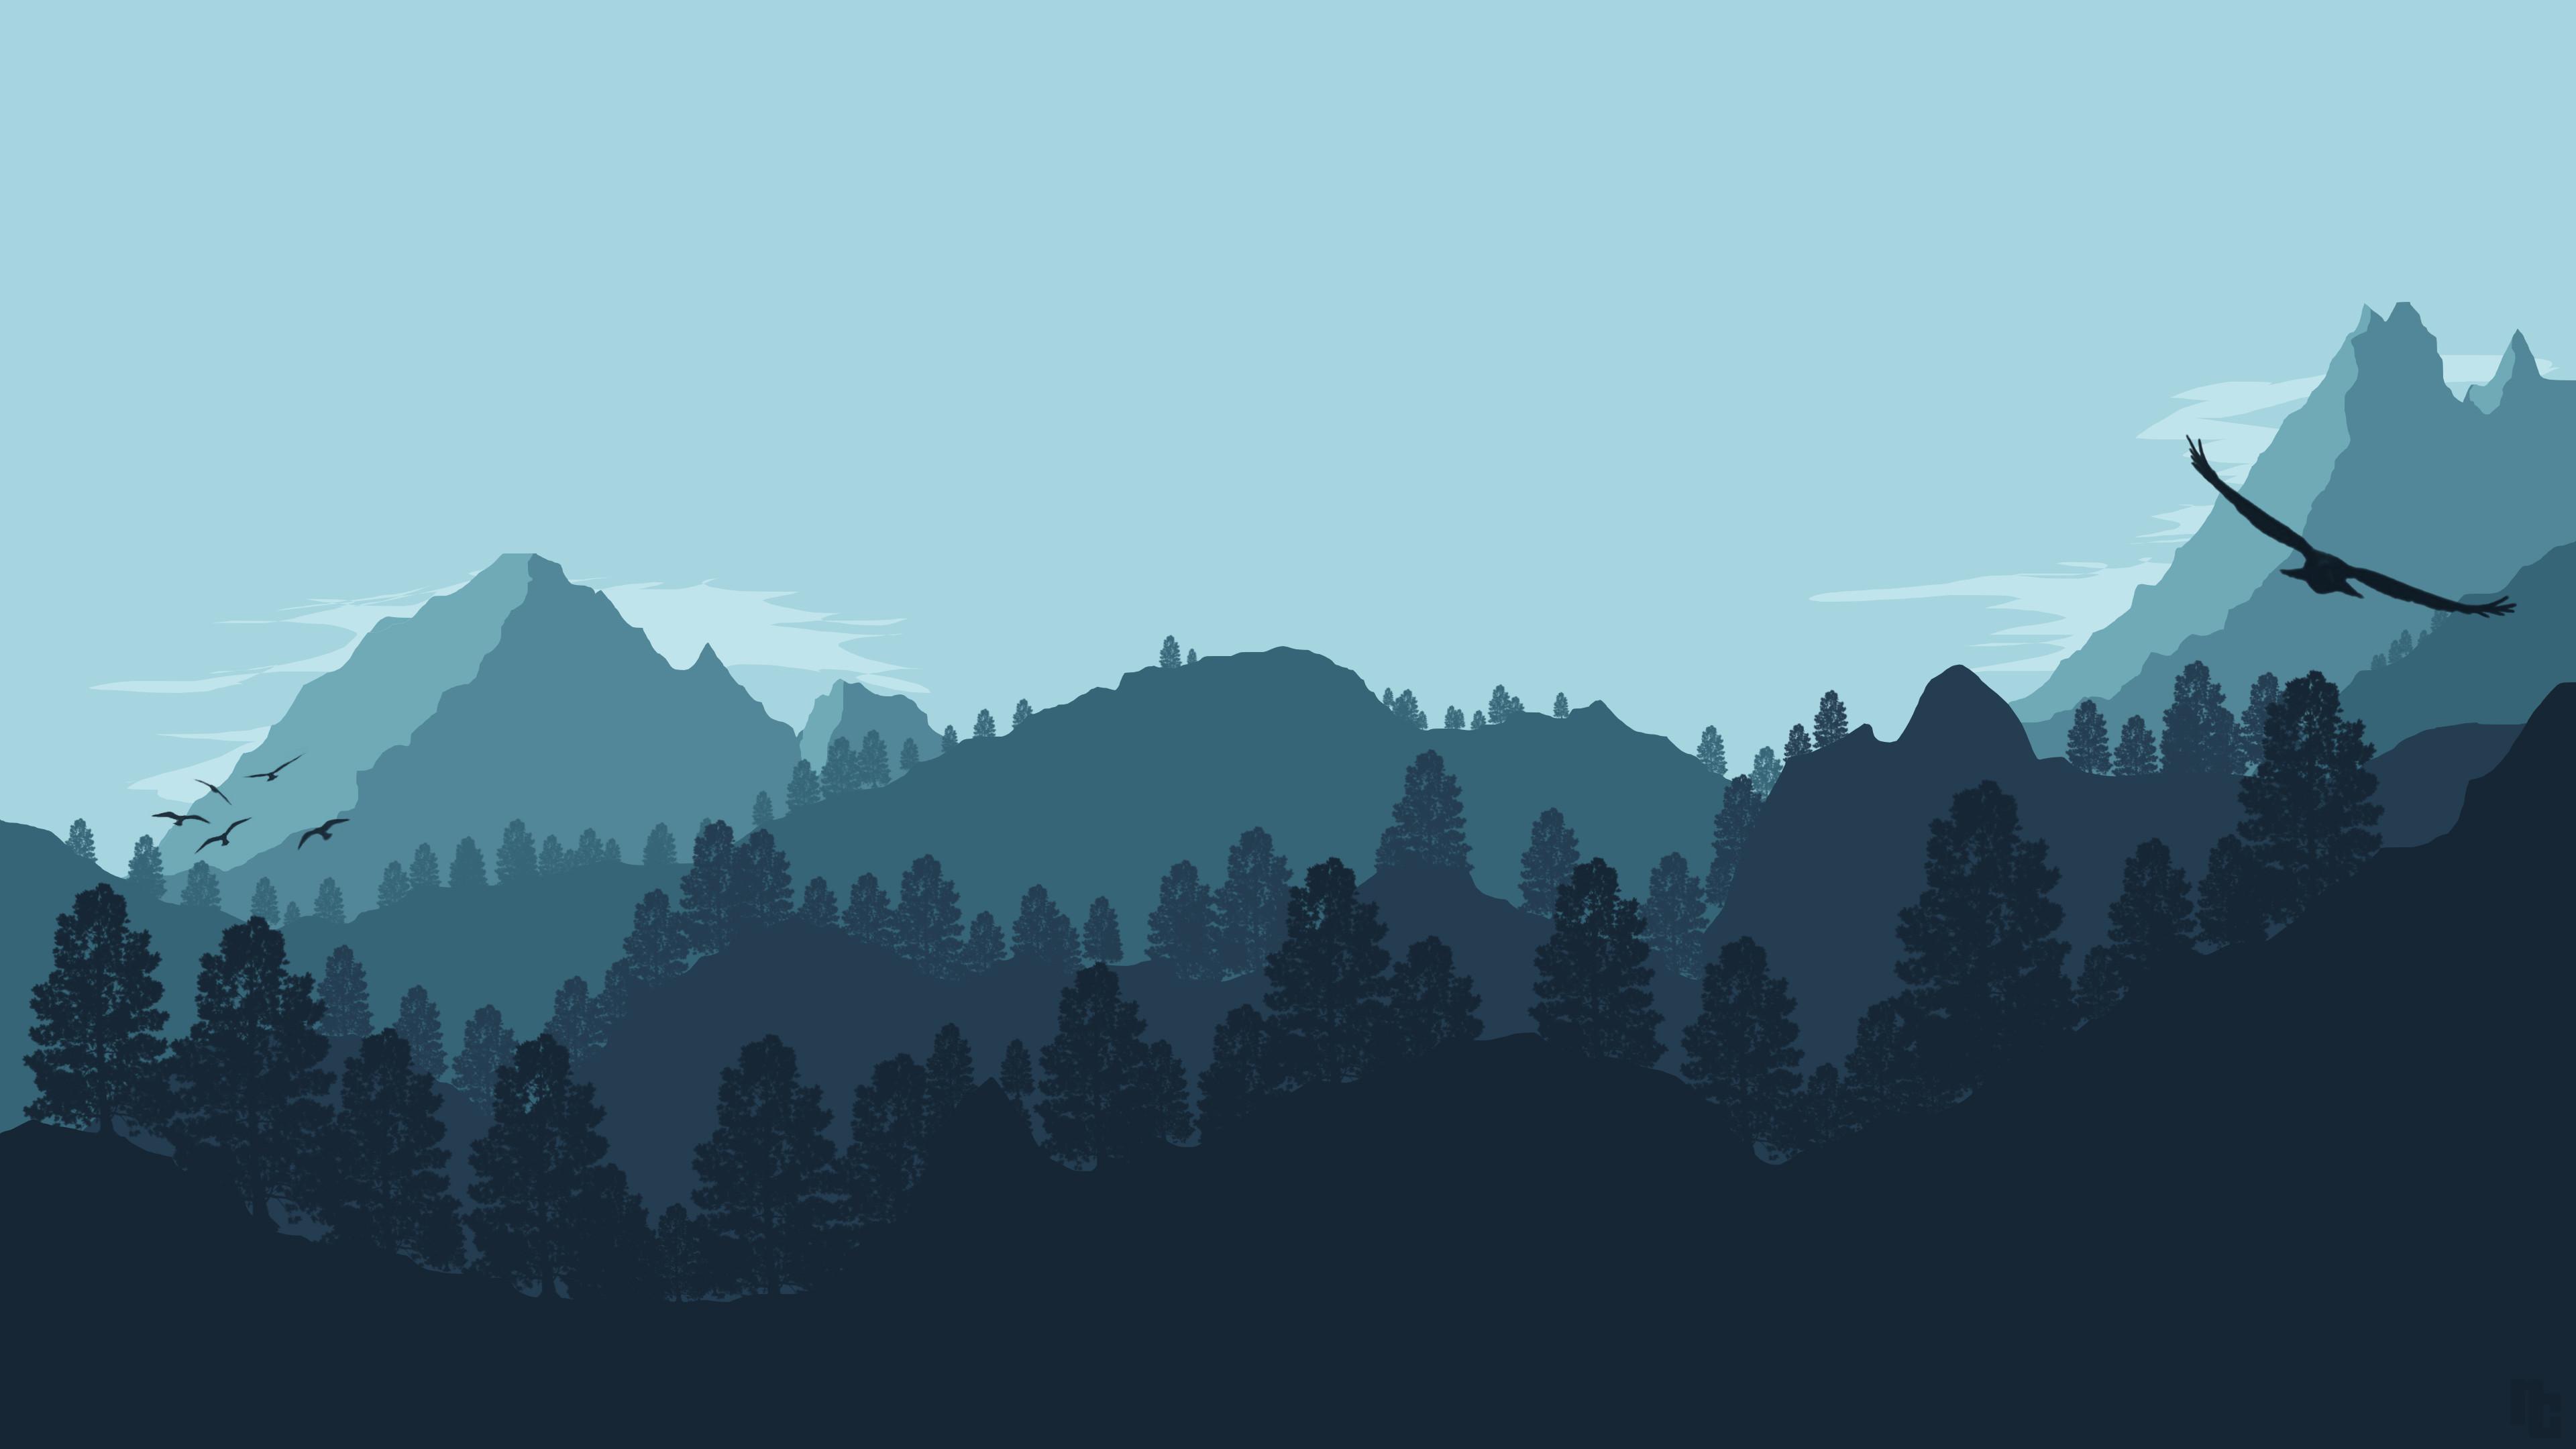 Res: 3840x2160, Künstlerisch - Mountain Wald Landschaft Vektor Minimalist Wallpaper